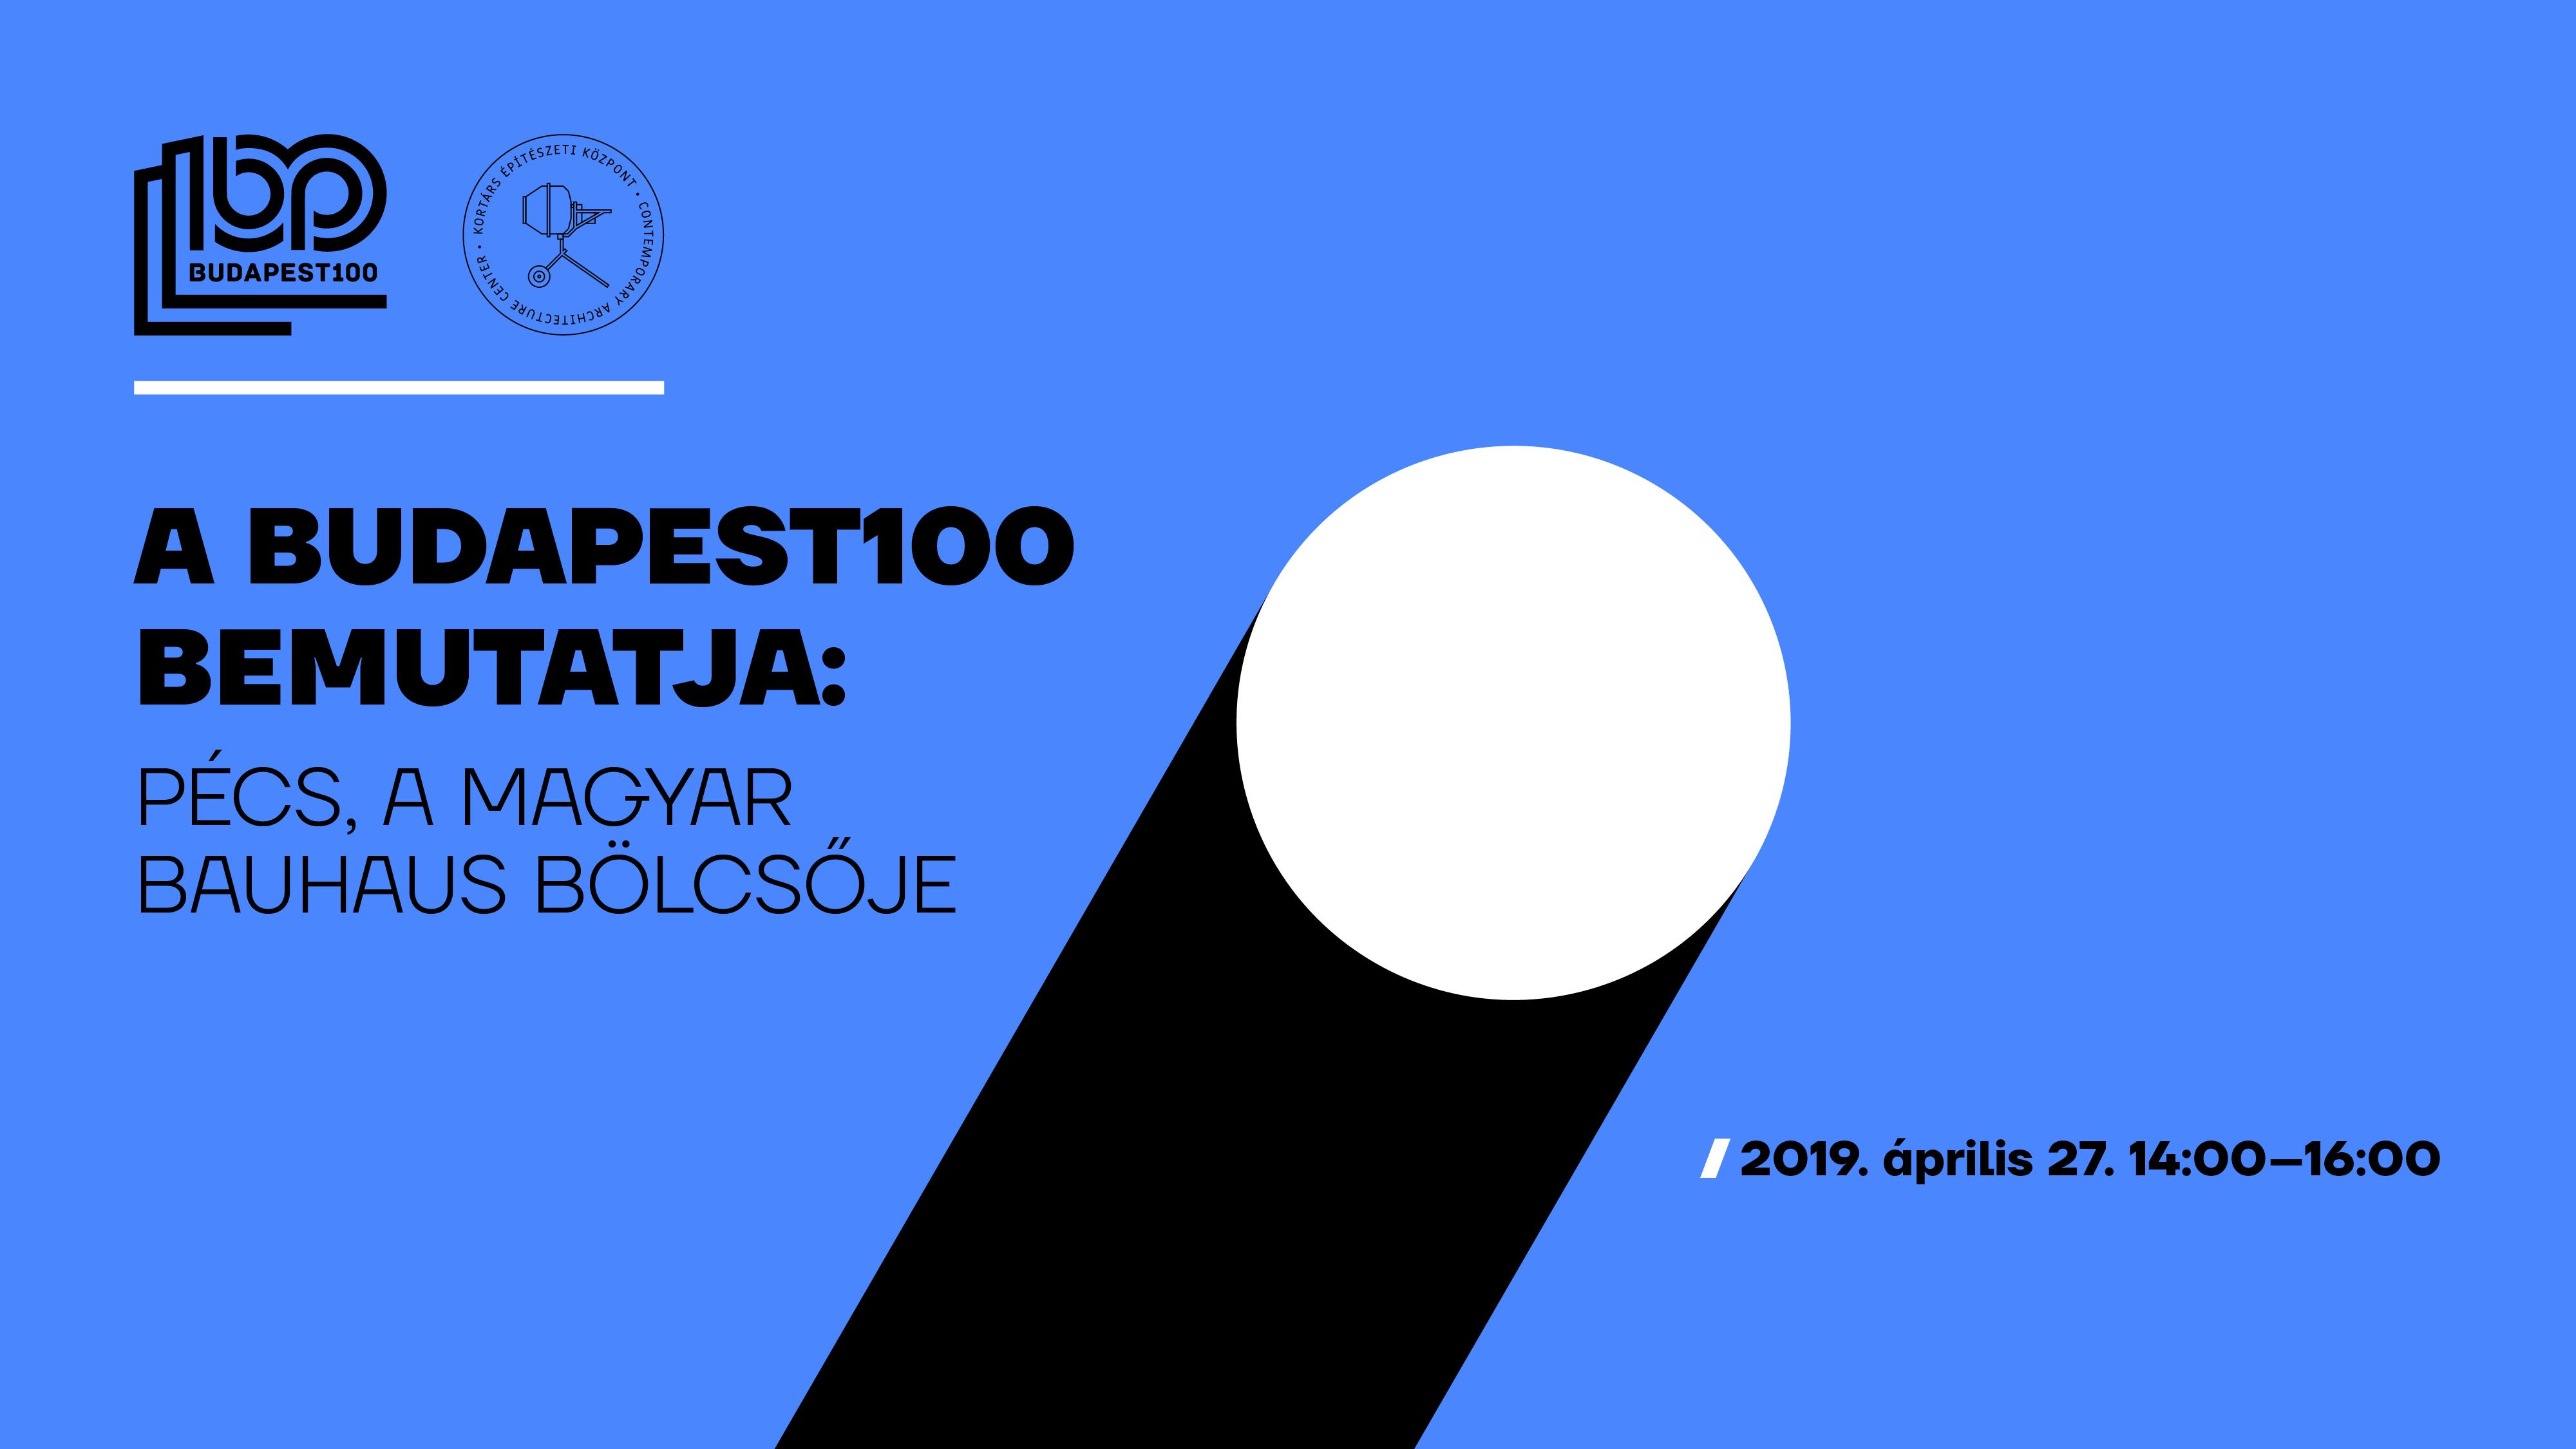 b329c62c6eaf 2019. április 21. A Budapest100 bemutatja: Pécs, a magyar Bauhaus bölcsője  [*REG]